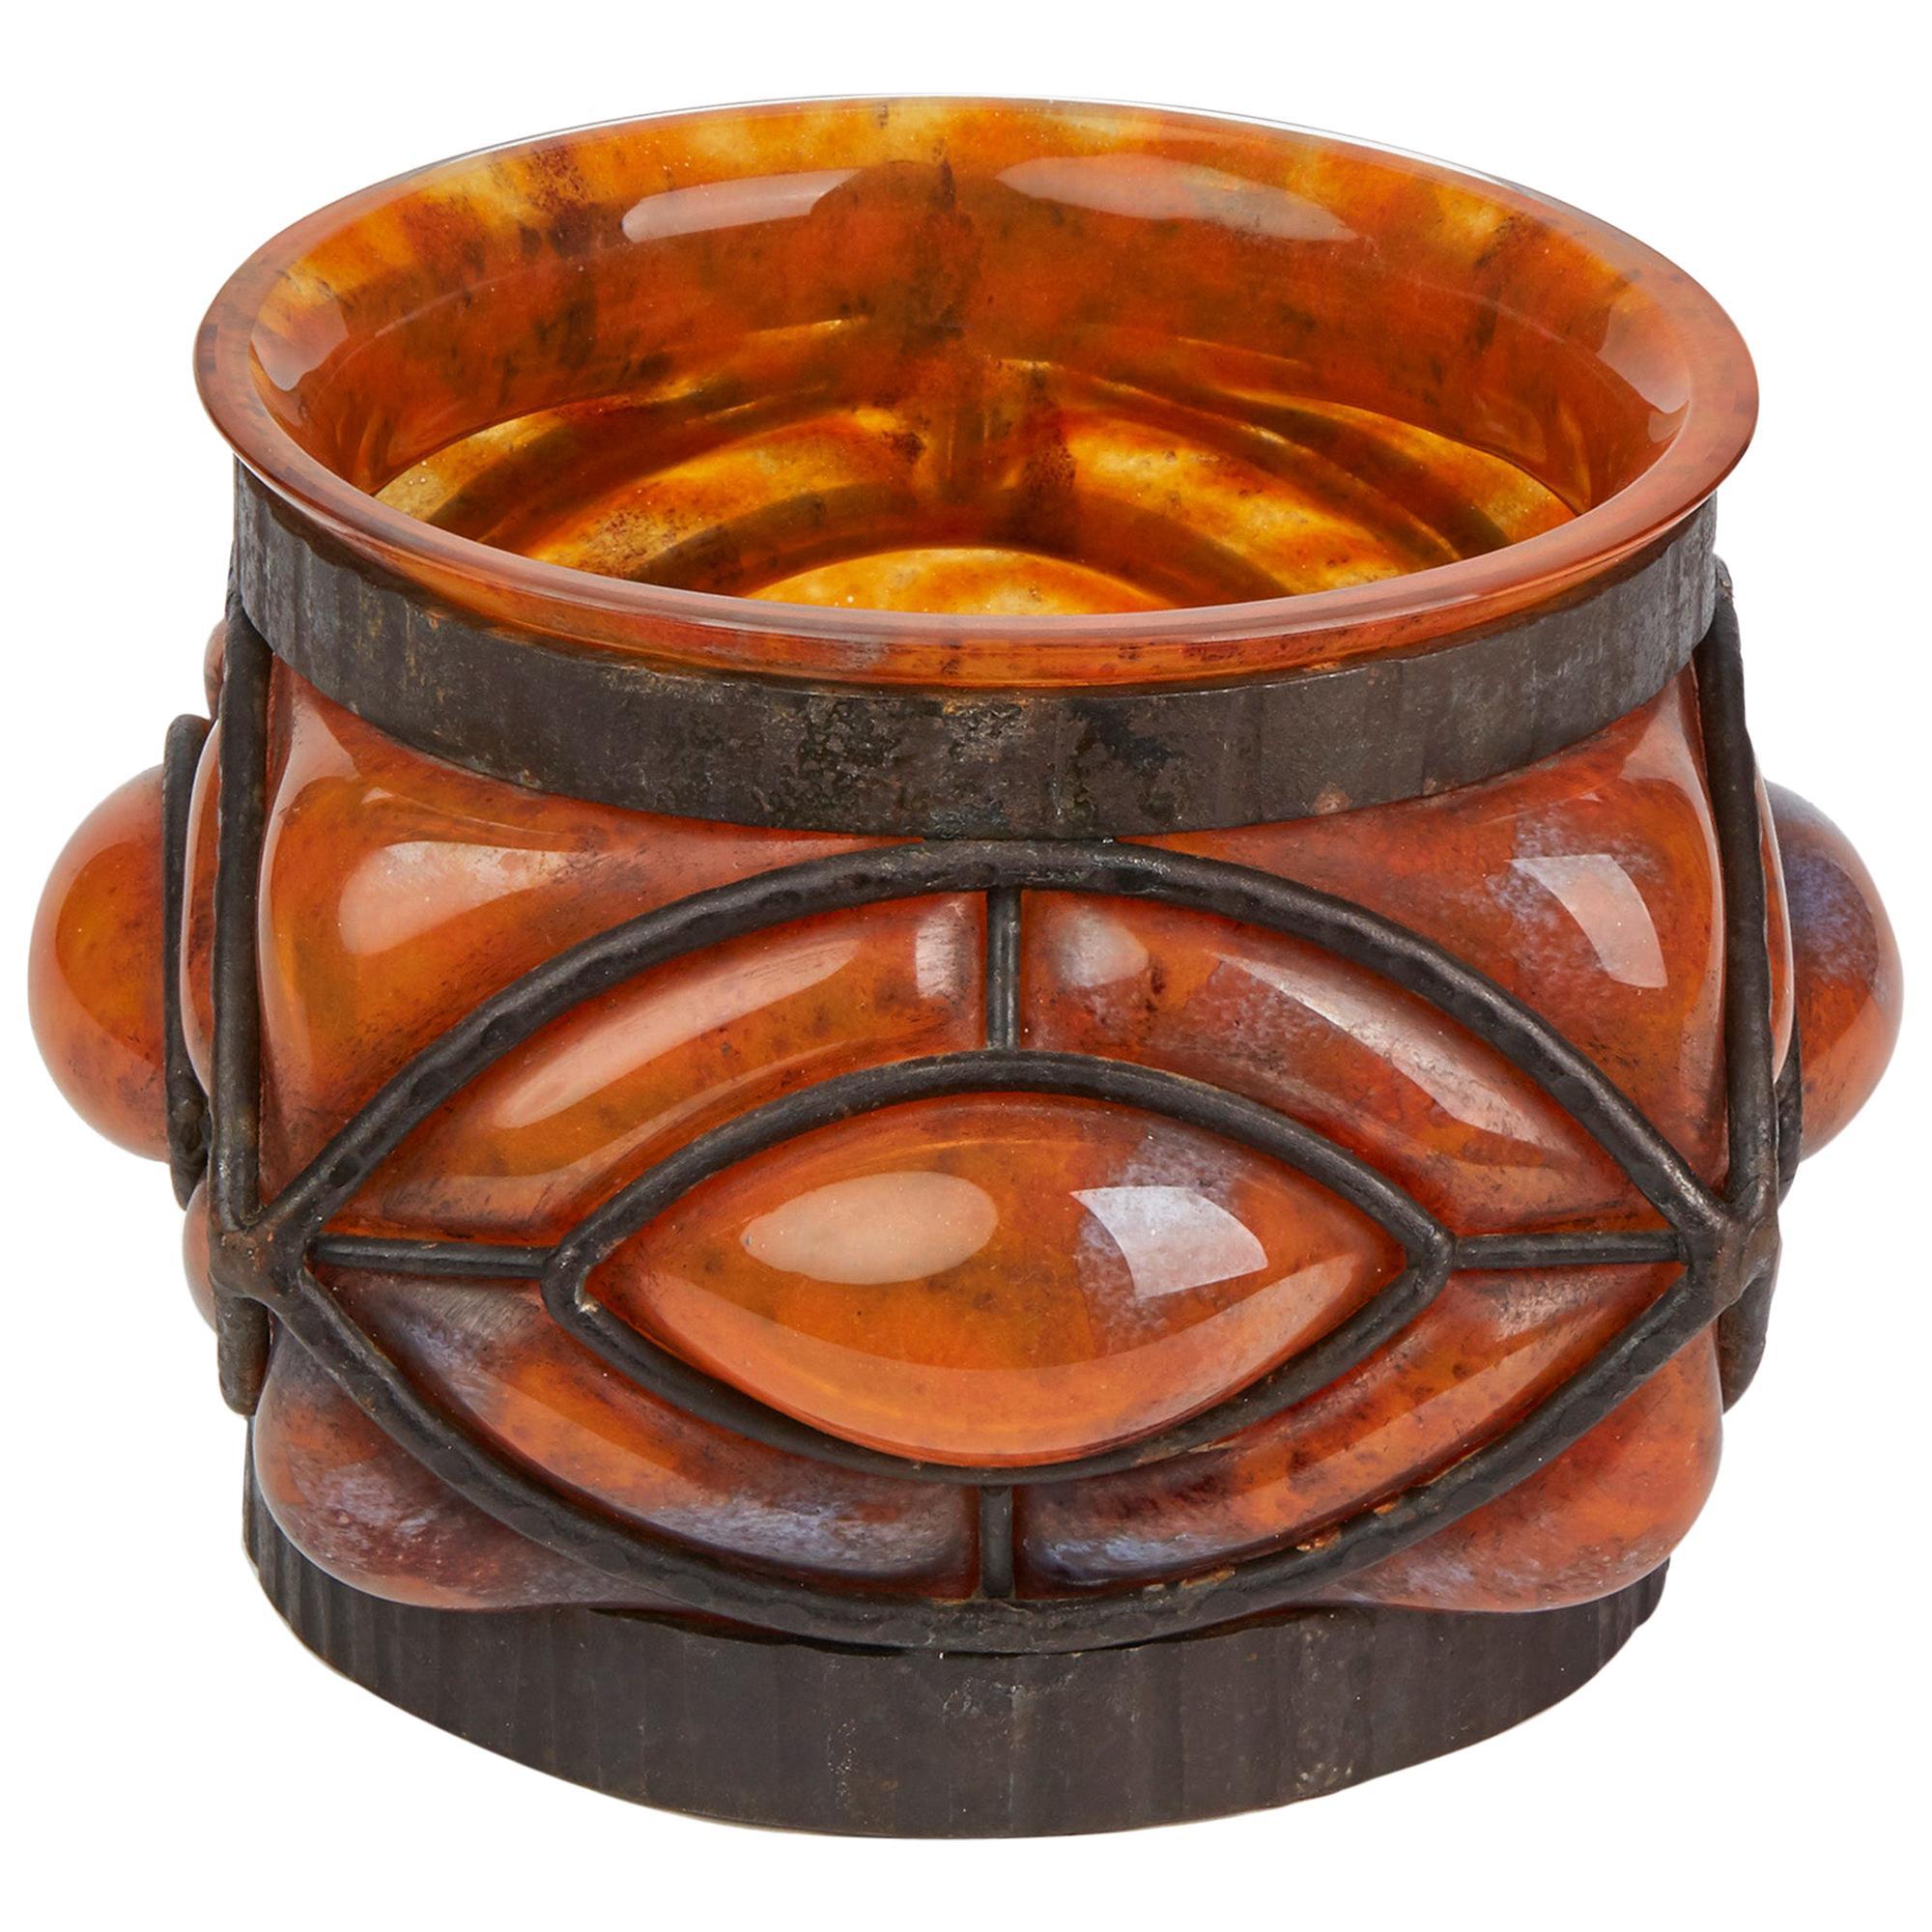 Daum & Louis Majorelle Early Wrought Iron Mounted Orange Glass Bowl, circa 1910